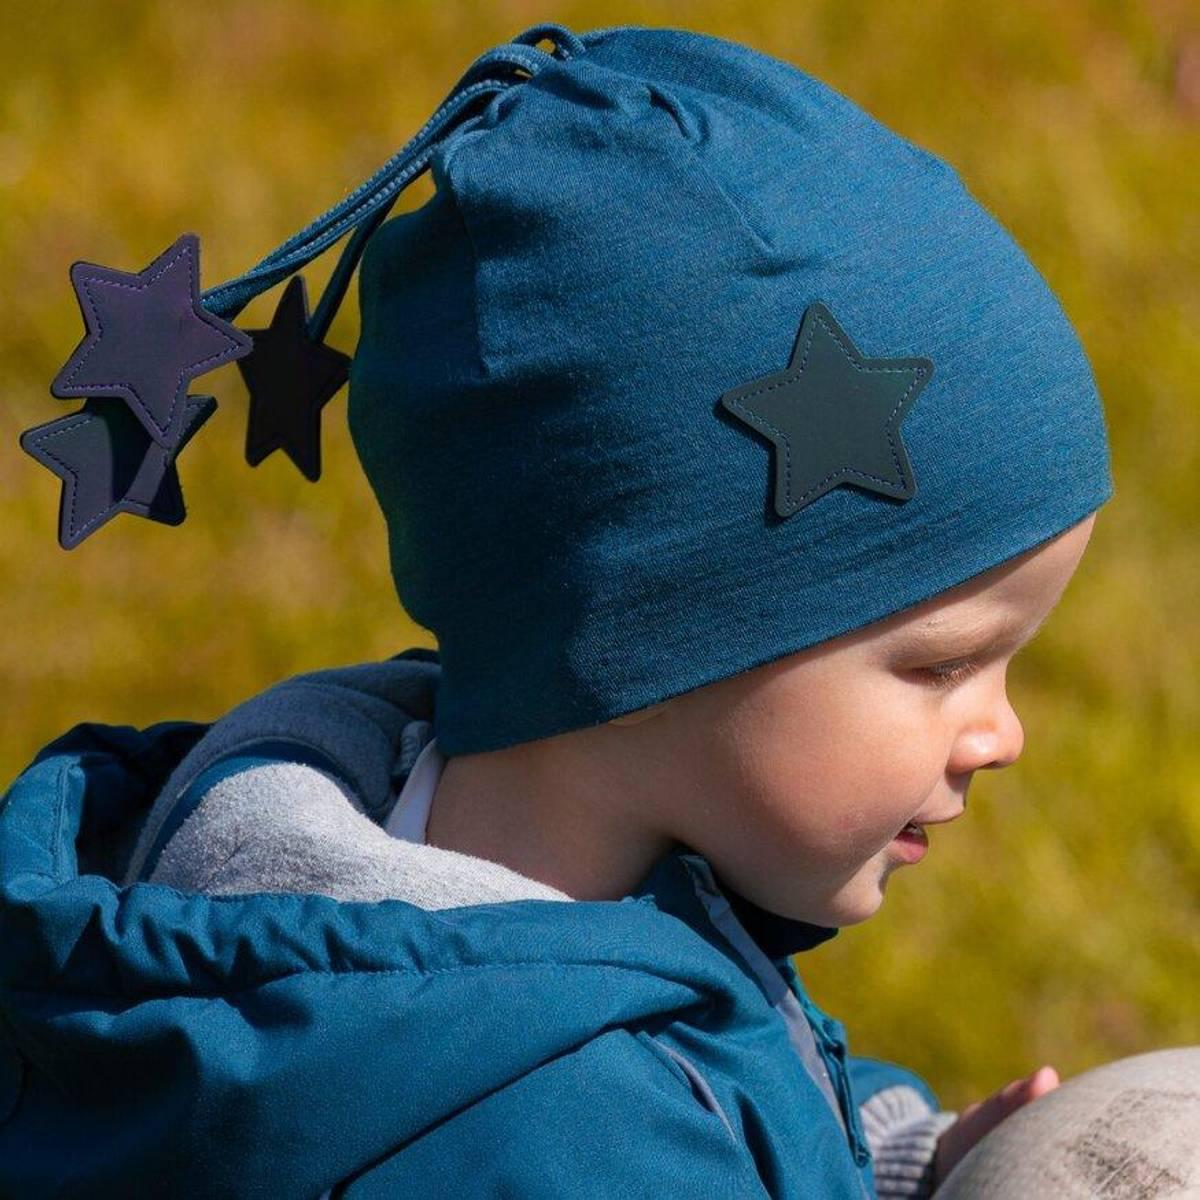 Morild Nordstjerne lue med refleks, midnattsblå